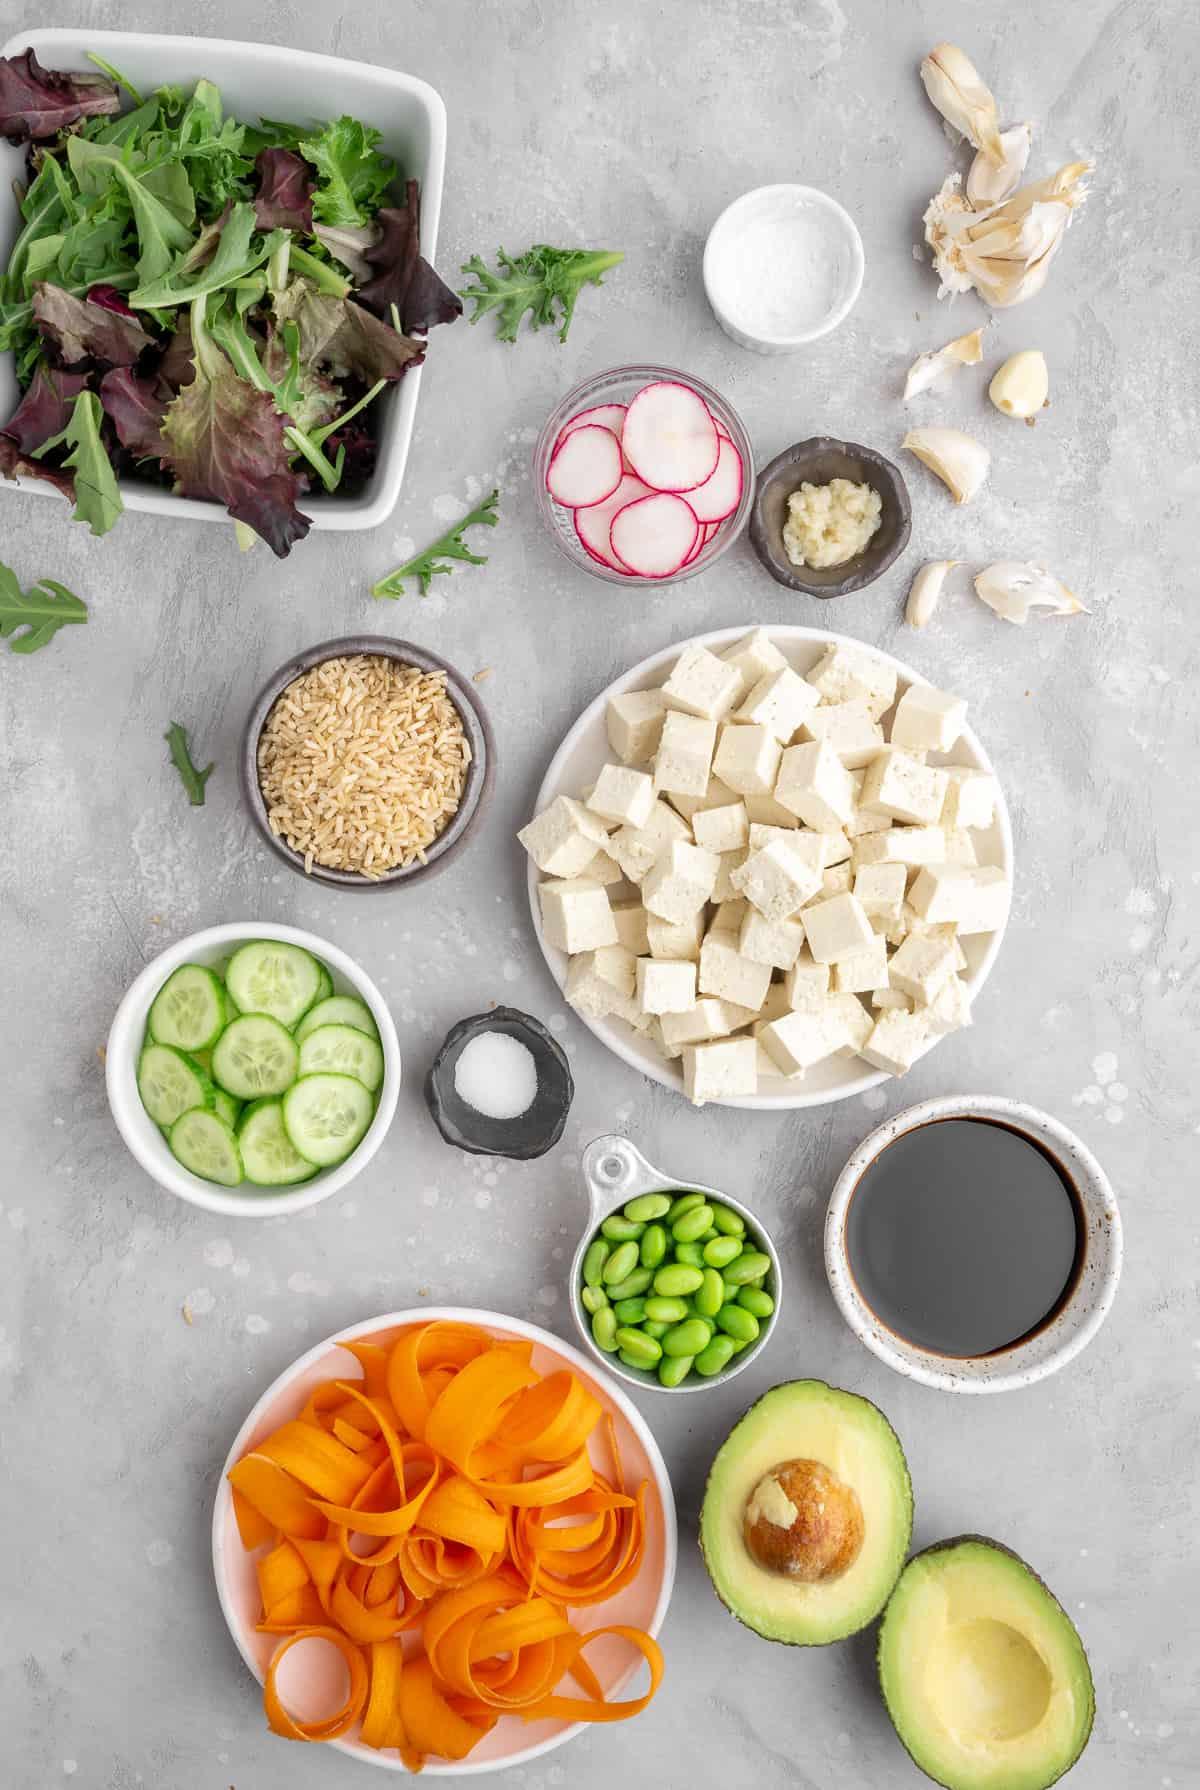 ingredients for vegan tofu poke bowl: avocado, carrots, edamame, cucumber, salt, sauce, tofu, lettuce, rice, ginger, garlic, radishes, corn starch